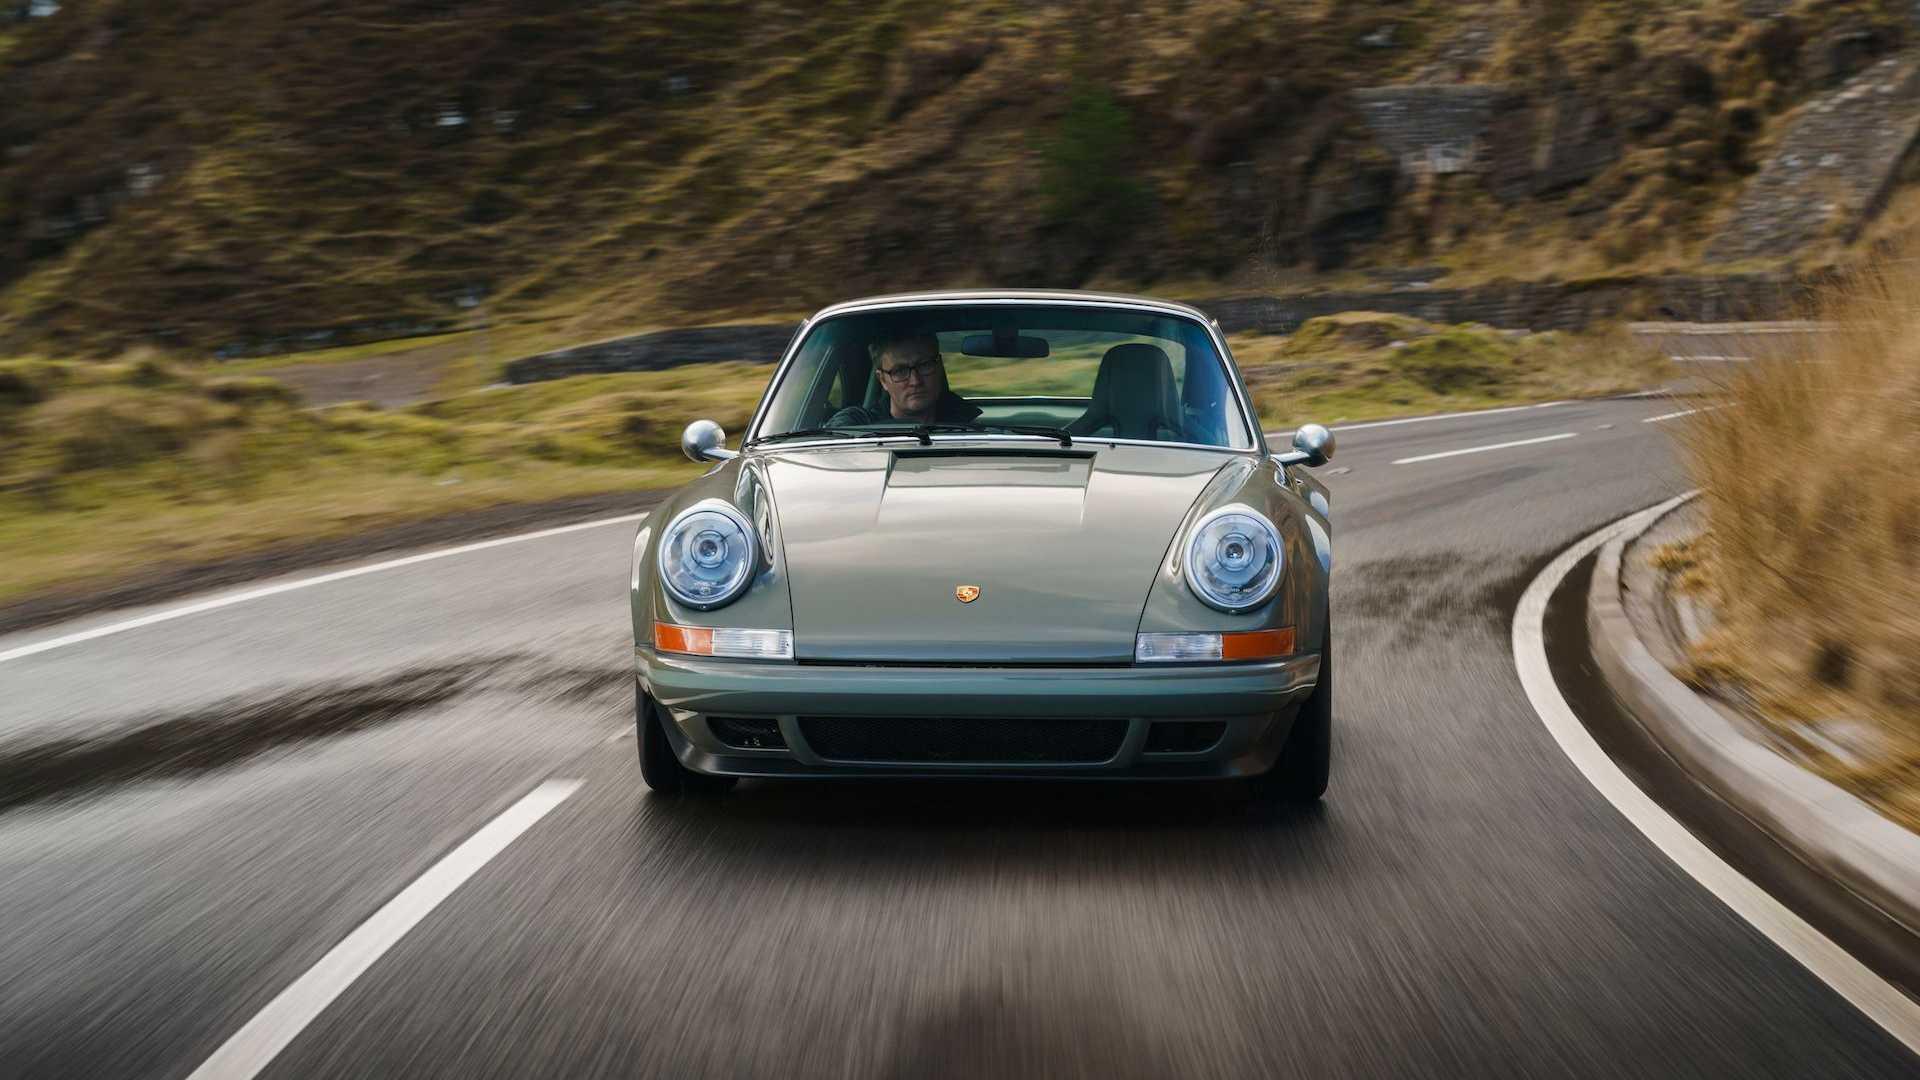 Theon-Design-HK002-Porsche-911-51